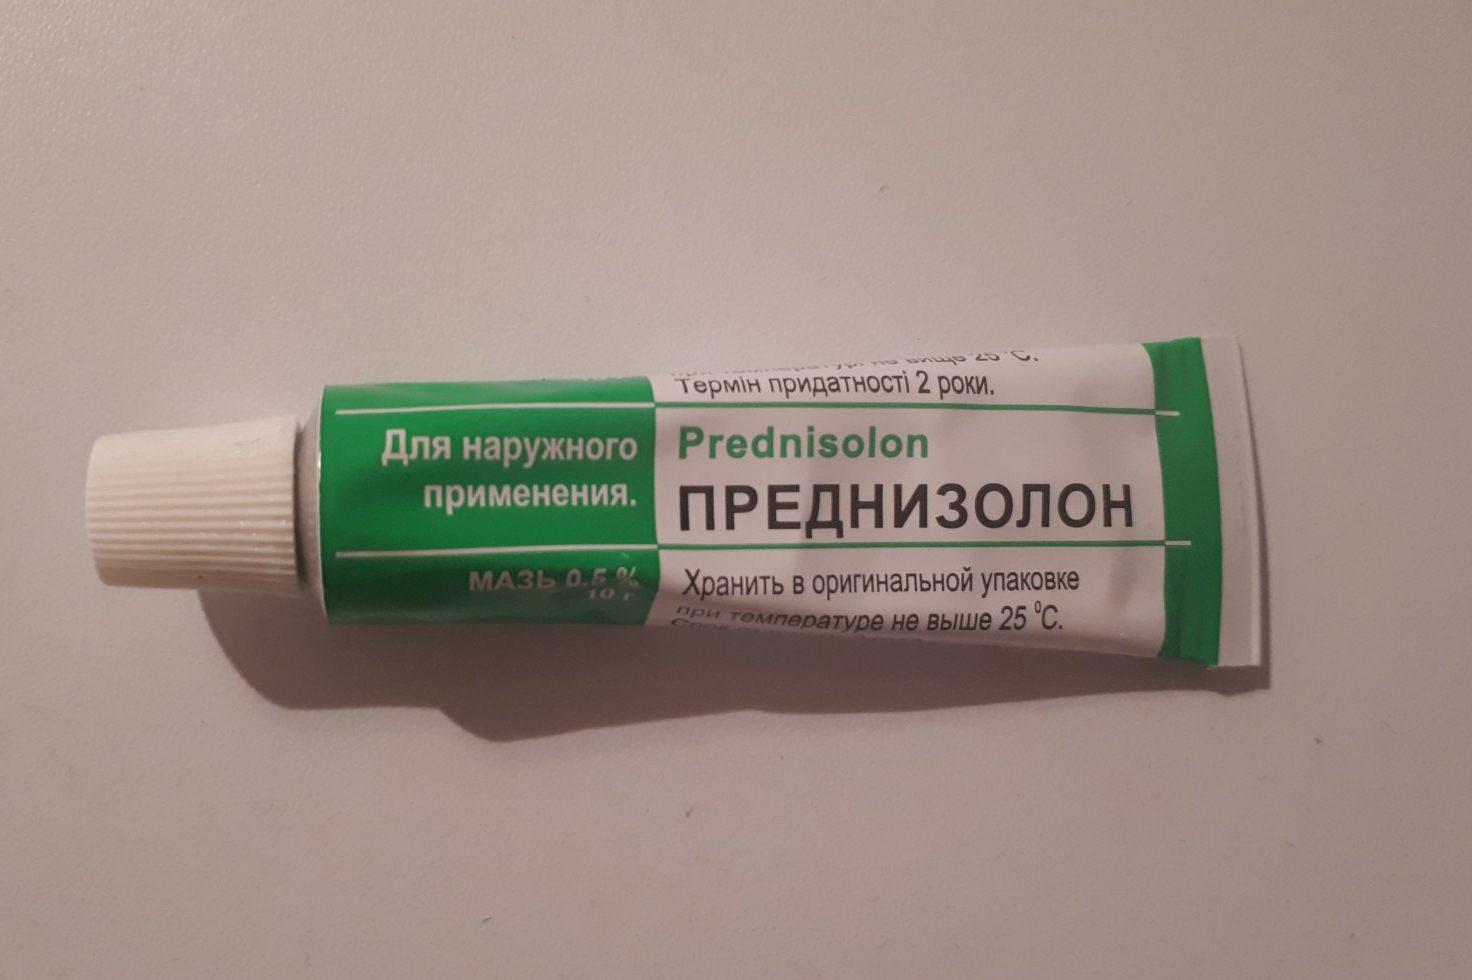 prednizolon-maz-otzyvy